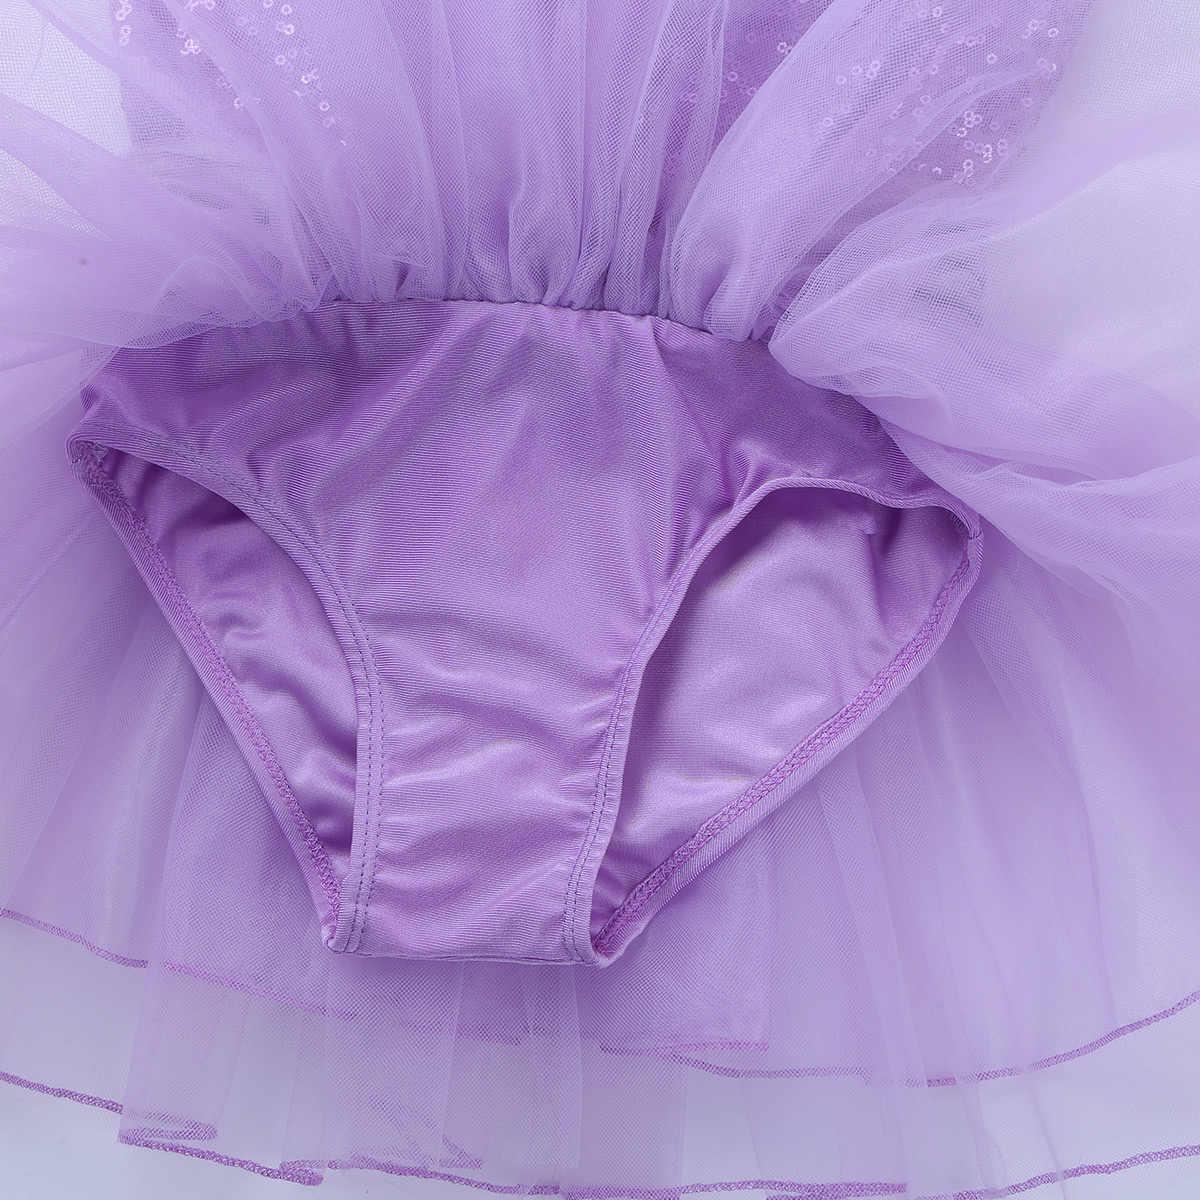 2019 prenses parti elbise çocuklar kızlar için Glitter payetli bale elbise dans spor Leotard Tutu dans eteği lirik kostümleri